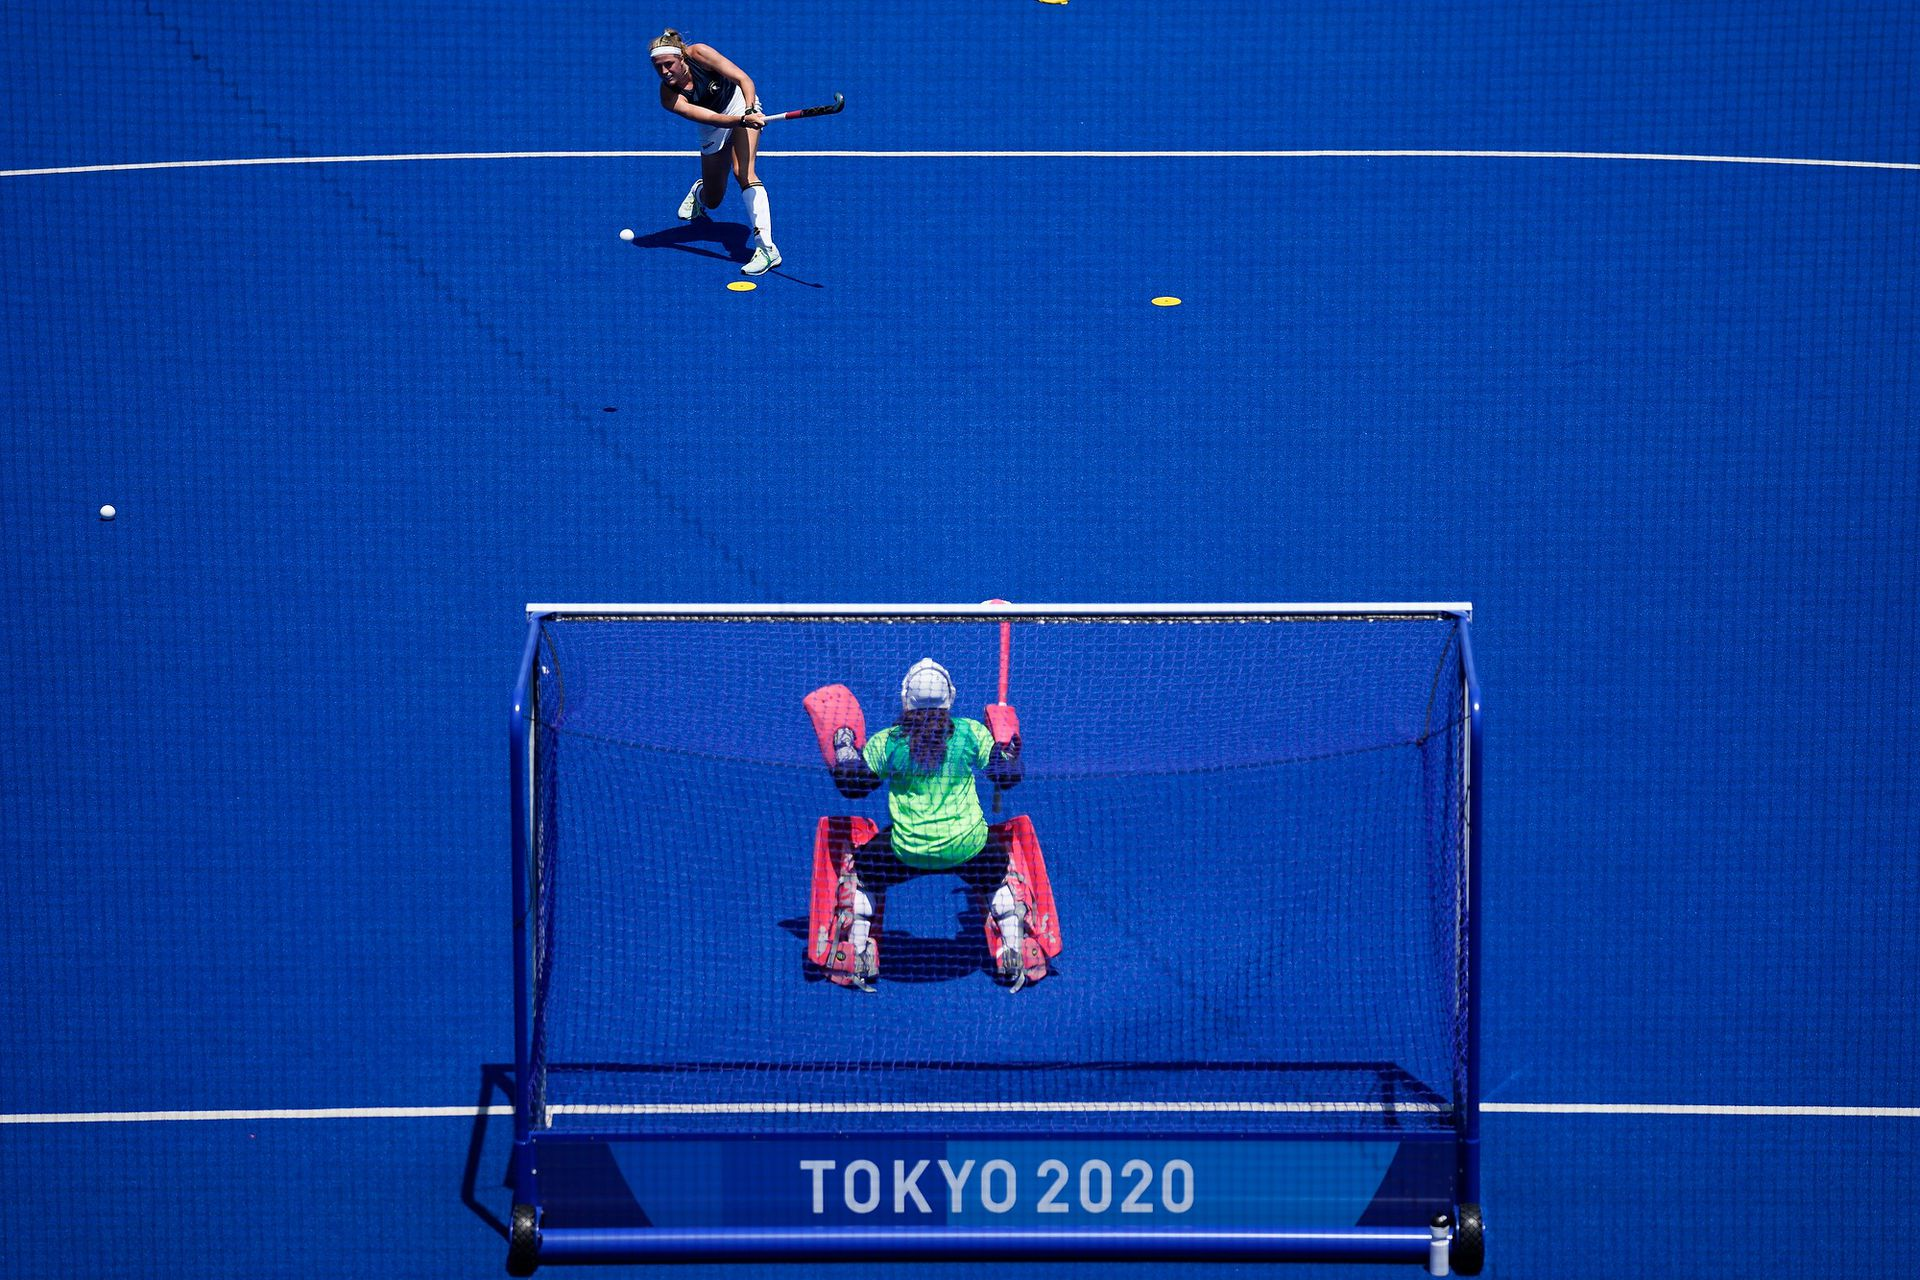 Jugadoras de hockey de la Selección Alemana se preparan para su debut en los Juegos Olímpicos.